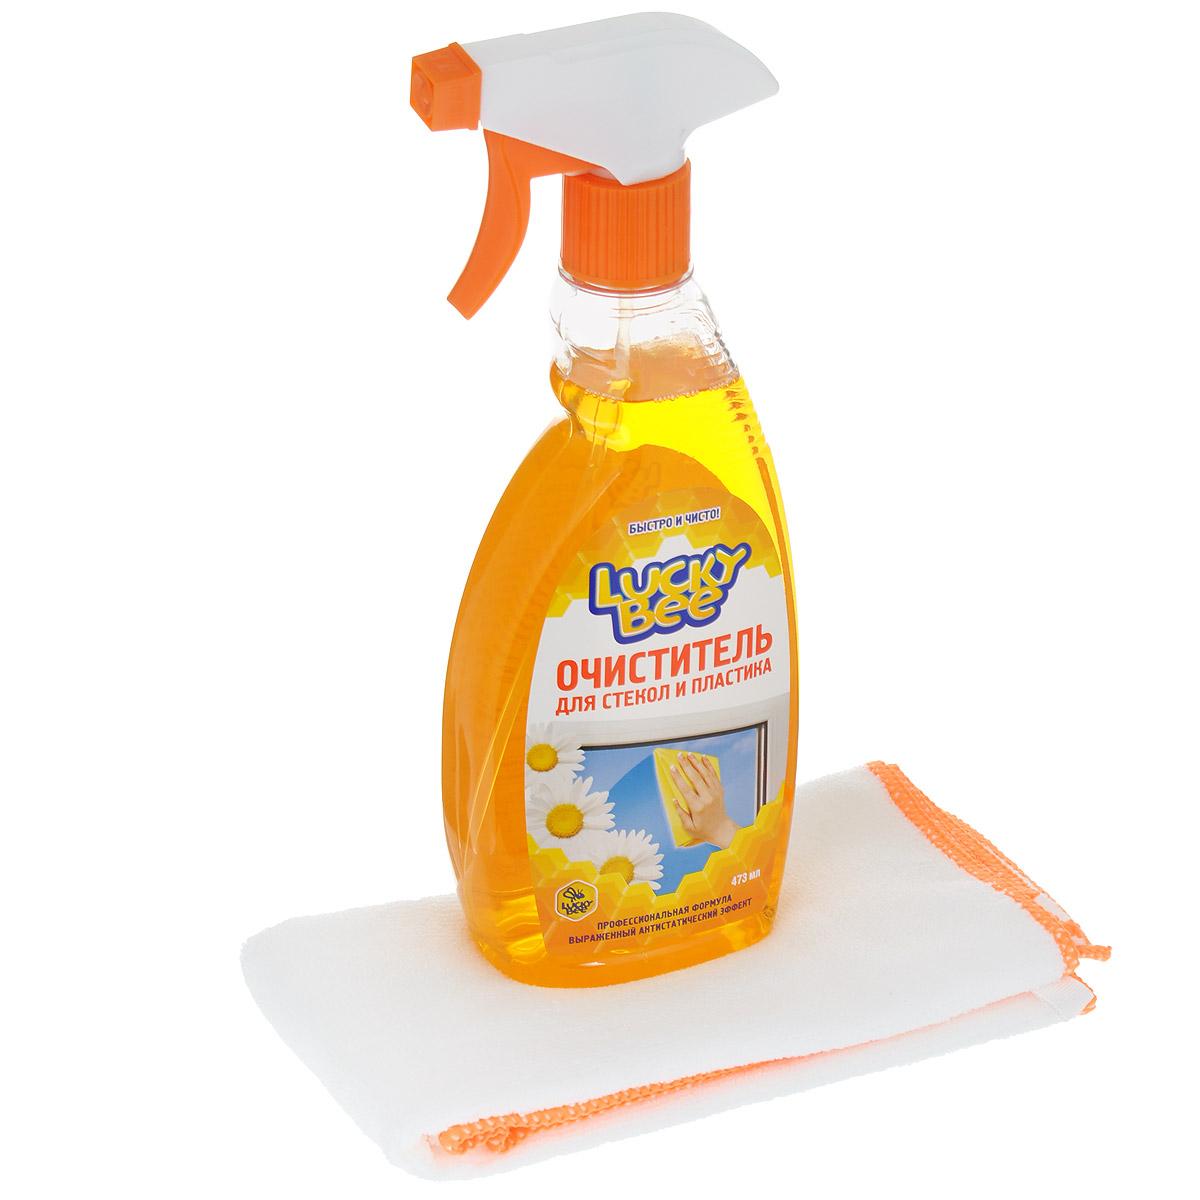 Очиститель Lucky Bee для стекол и пластика, 473 мл + салфетка из микрофибры для уборки Lucky Bee, цвет: белый, 40 х 40 смLB7505Очиститель Lucky Bee быстро и эффективно очищает стеклянные и пластиковые поверхности от загрязнений, отпечатков пальцев, никотинового налета. Придает обработанной поверхности длительный антистатический эффект, обладает приятным свежим ароматом. В набор также входит салфетка из микрофибры Lucky Bee, которая деликатно удаляет загрязнения с любых поверхностей с использованием чистящих средств или без них. Она позволяет быстро собрать значительный объем влаги и высушить поверхность в считанные минуты, обладает антистатическими свойствами. Салфетка может использоваться для сухой и влажной уборки, в том числе с моющими средствами. Не оставляет разводов и ворсинок. Размер салфетки: 40 см х 40 см. Материал салфетки: микрофибра. Состав очистителя: деминерализованная вода, менее 30% изопропанол, менее 5% бутилцеллозольв, аммиак, ПАВ, антистатик, функциональные добавки, составляющие ноу-хау компании, краситель, отдушка. Товар сертифицирован.